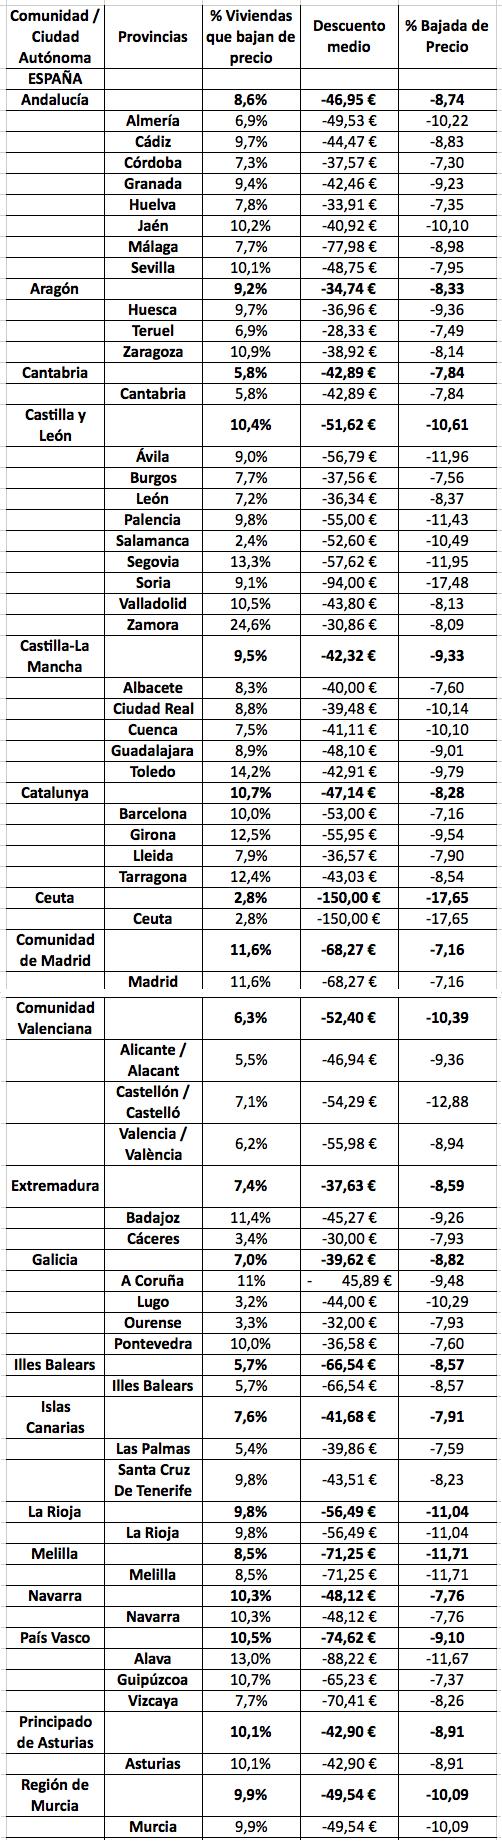 Bajada del precio del alquiler realizada por caseros en las comunidades/ciudades autónomas - Enalquiler.com